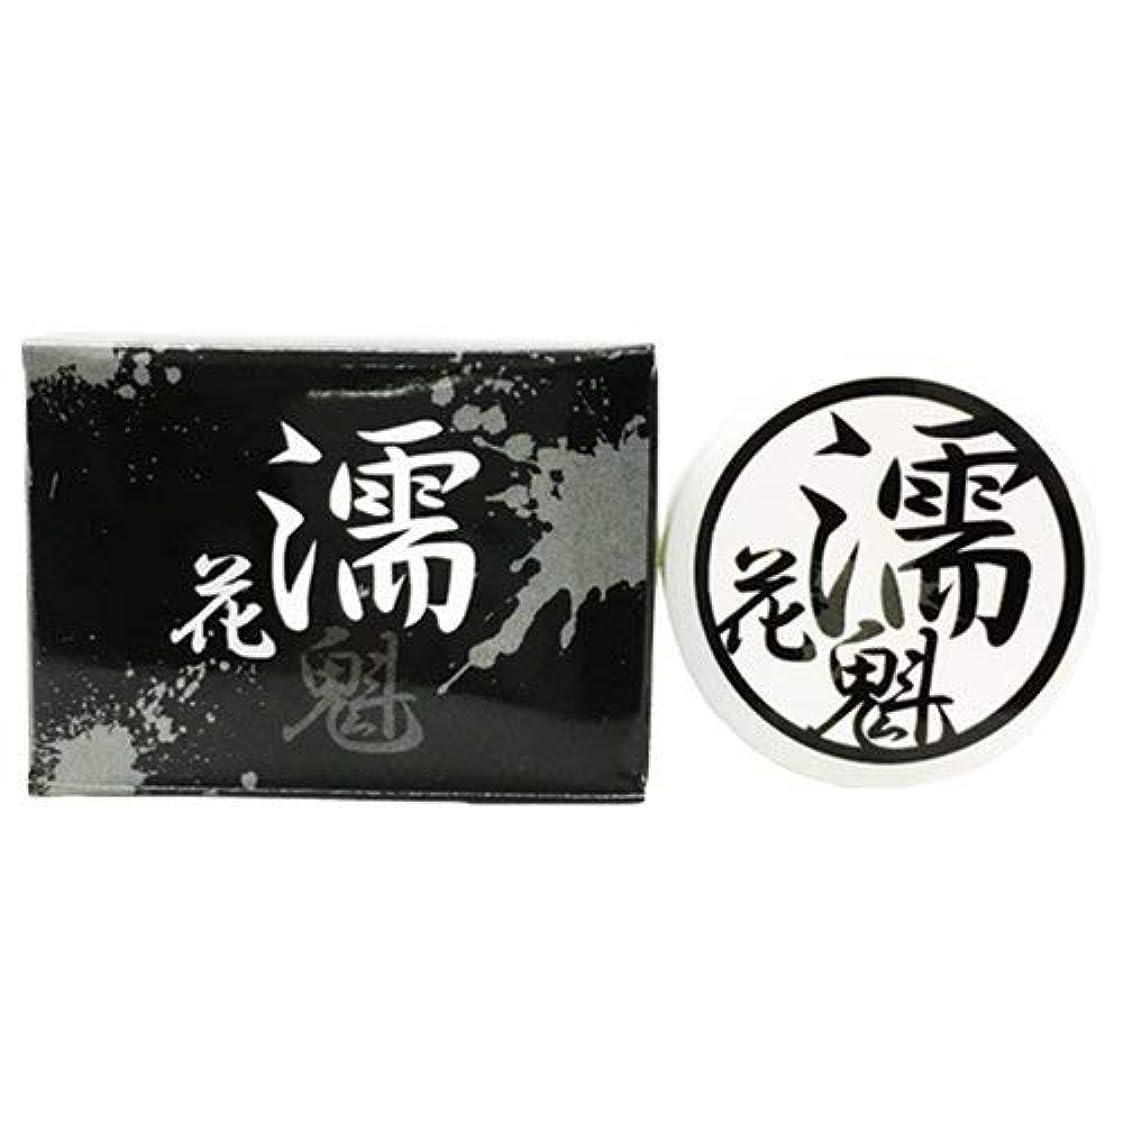 リテラシーサスティーン疾患【※正規品※限定セール開催中!!】濡花魁 (3)